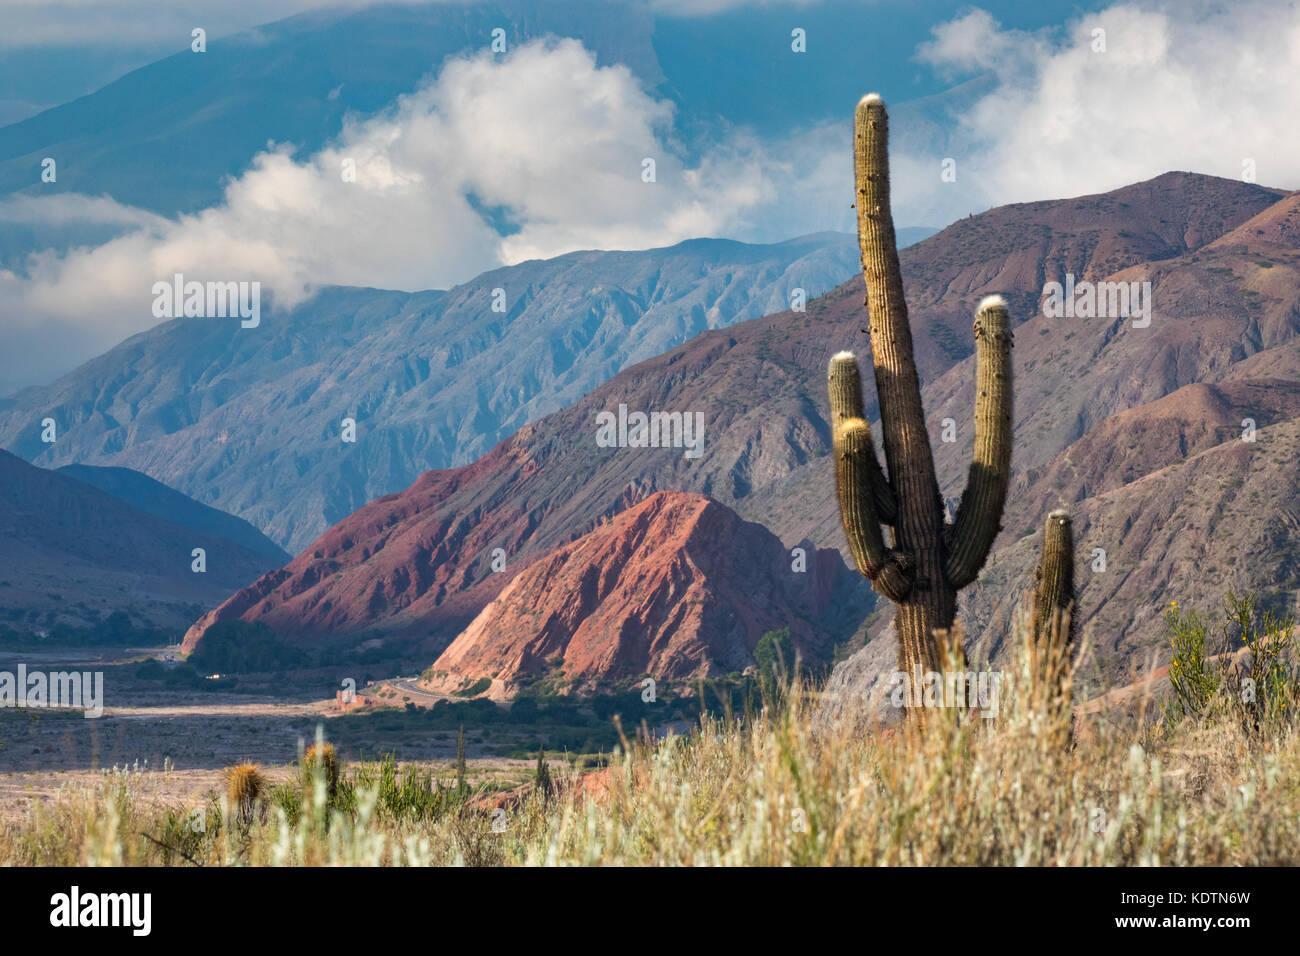 Primera luz sobre los cactus y colinas de la quebrada de humahuacha nr maimara, provincia de Jujuy, Argentina Imagen De Stock